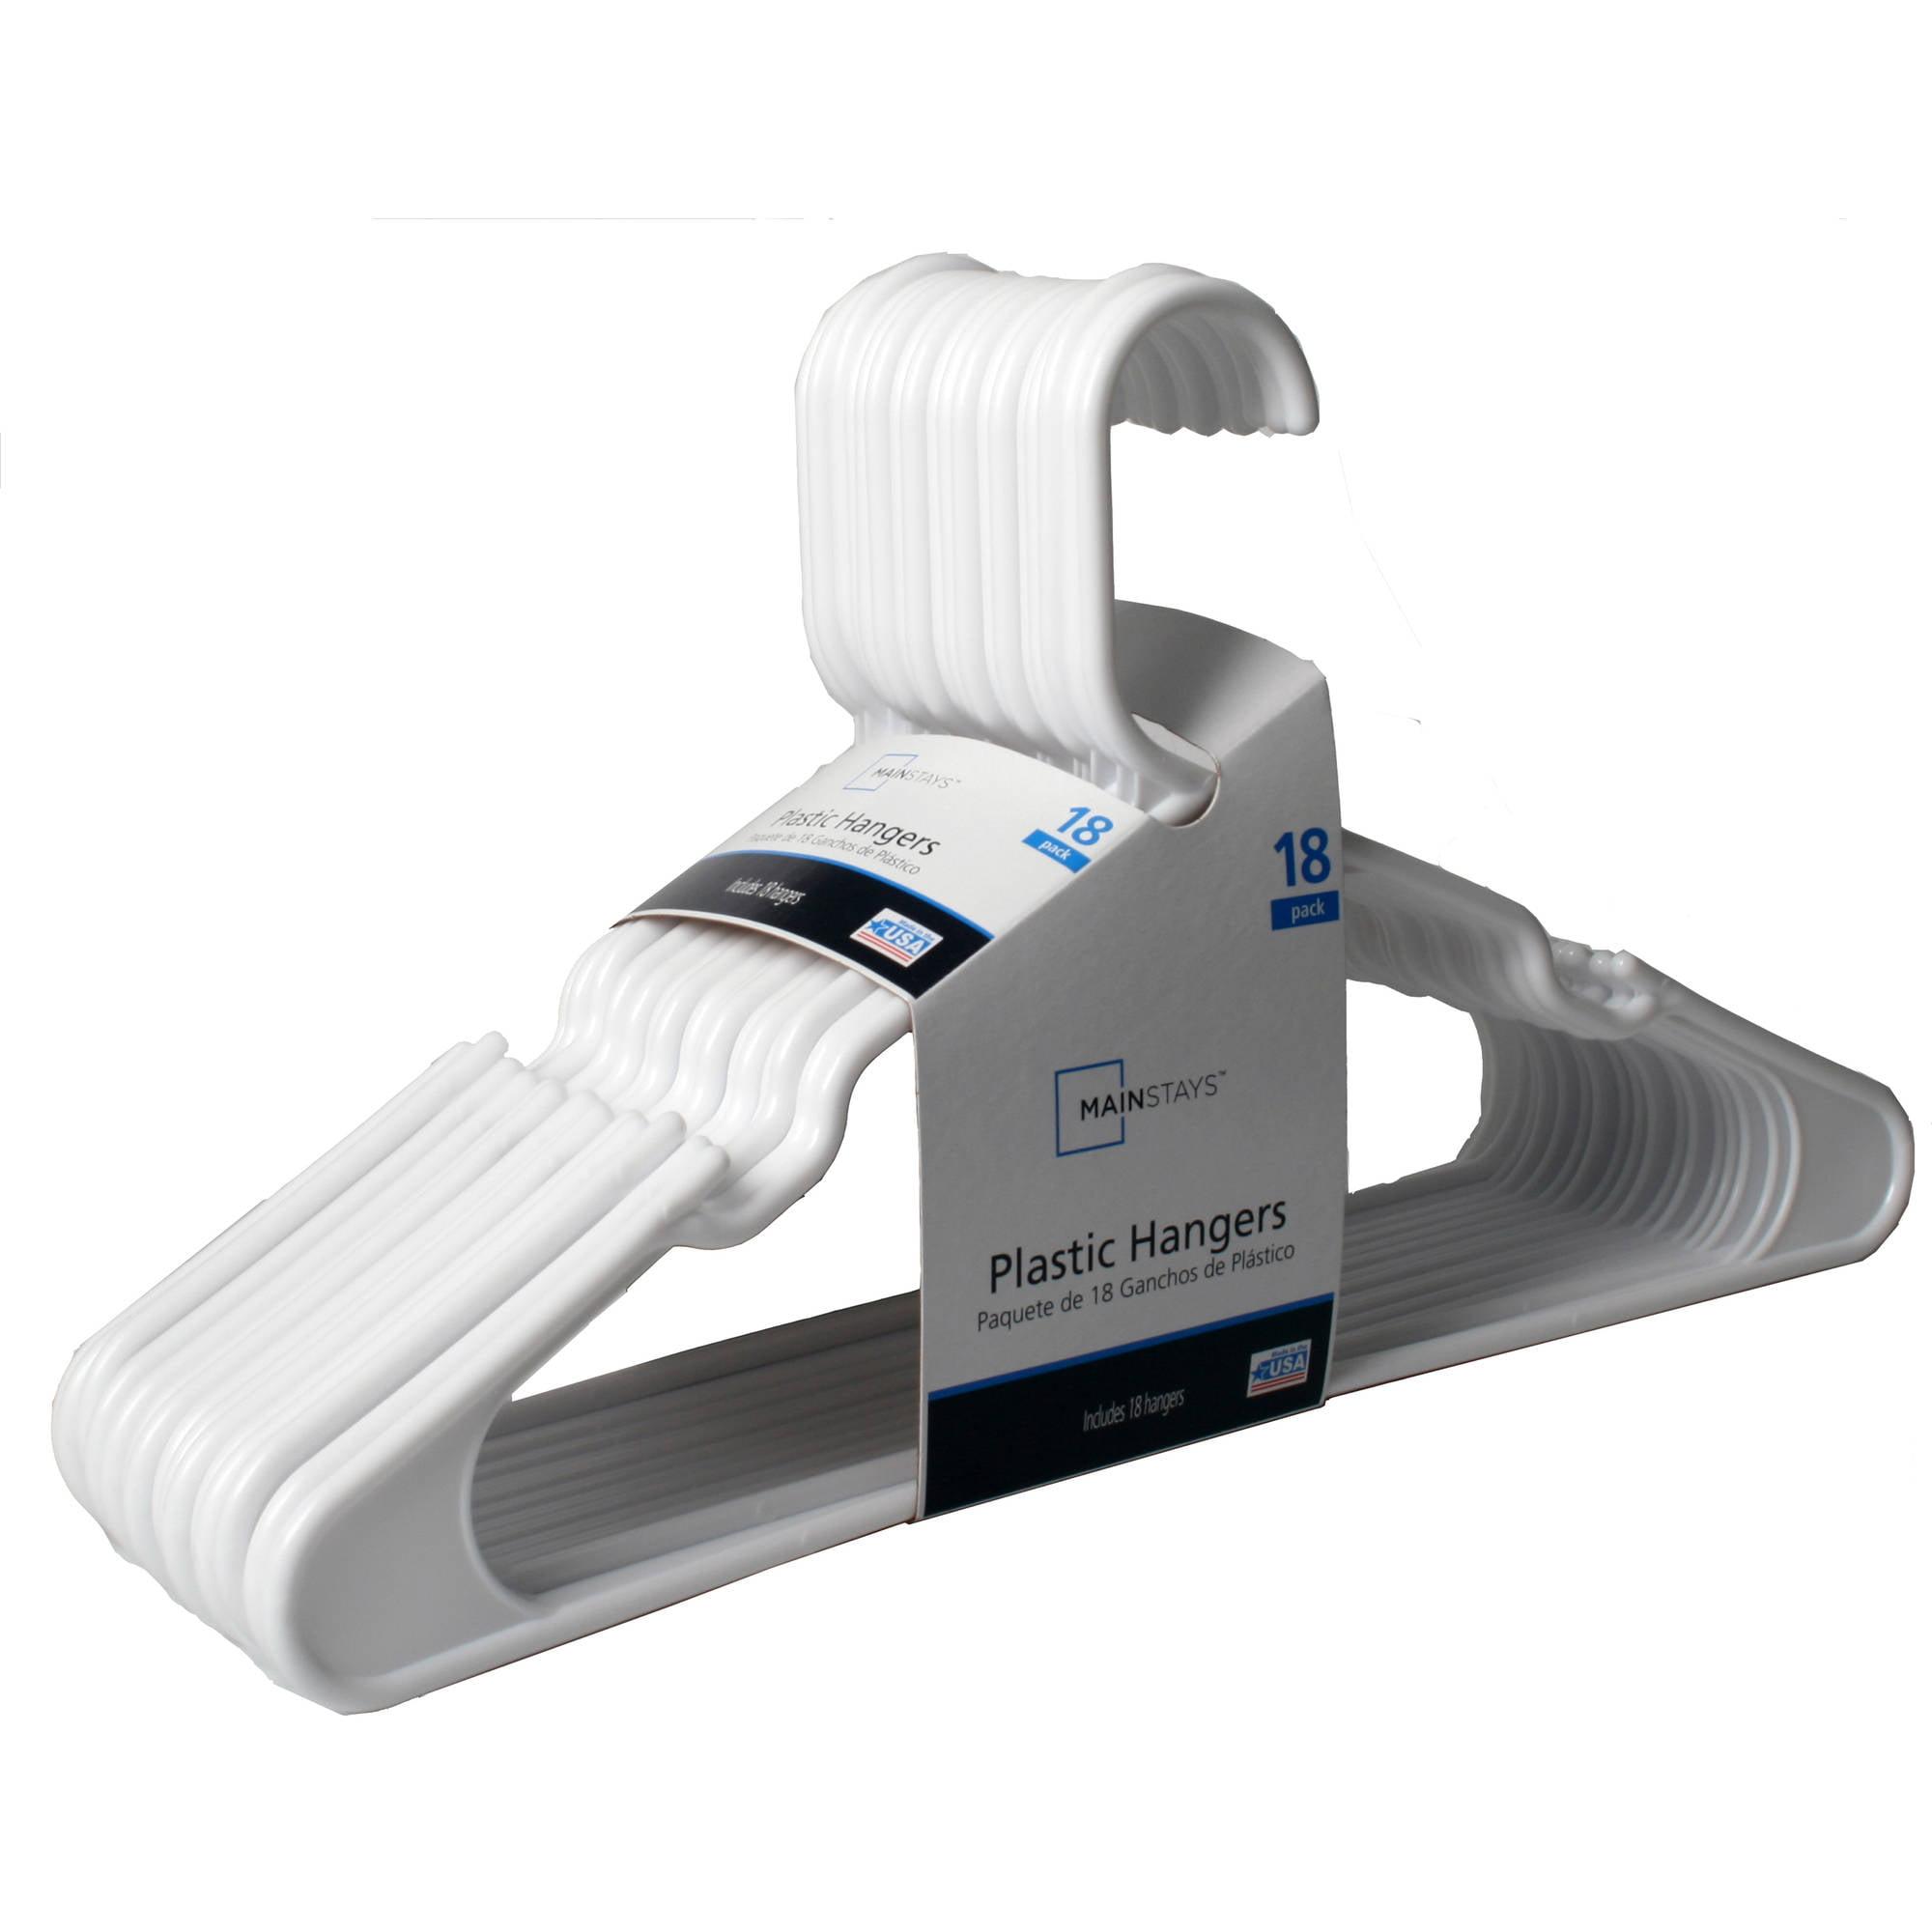 Mainstays 18 Pack Plastic Hanger White Walmart Com